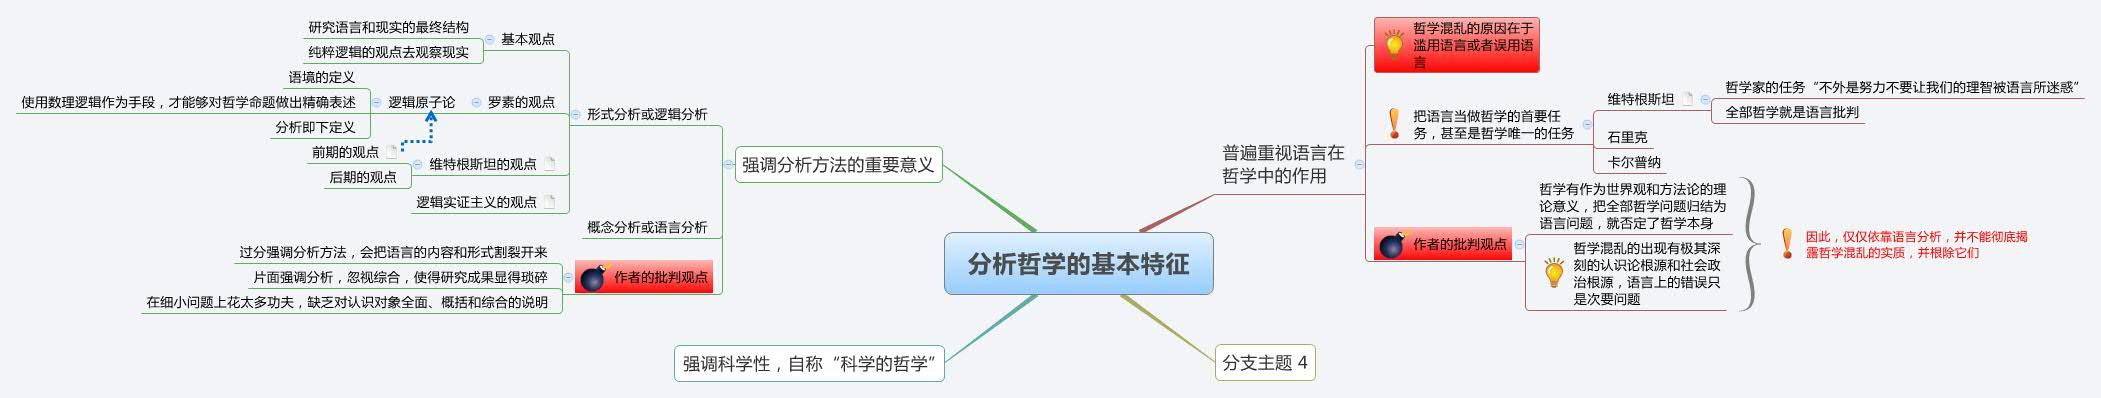 分析哲学的基本特征Map Outline More Maps From User